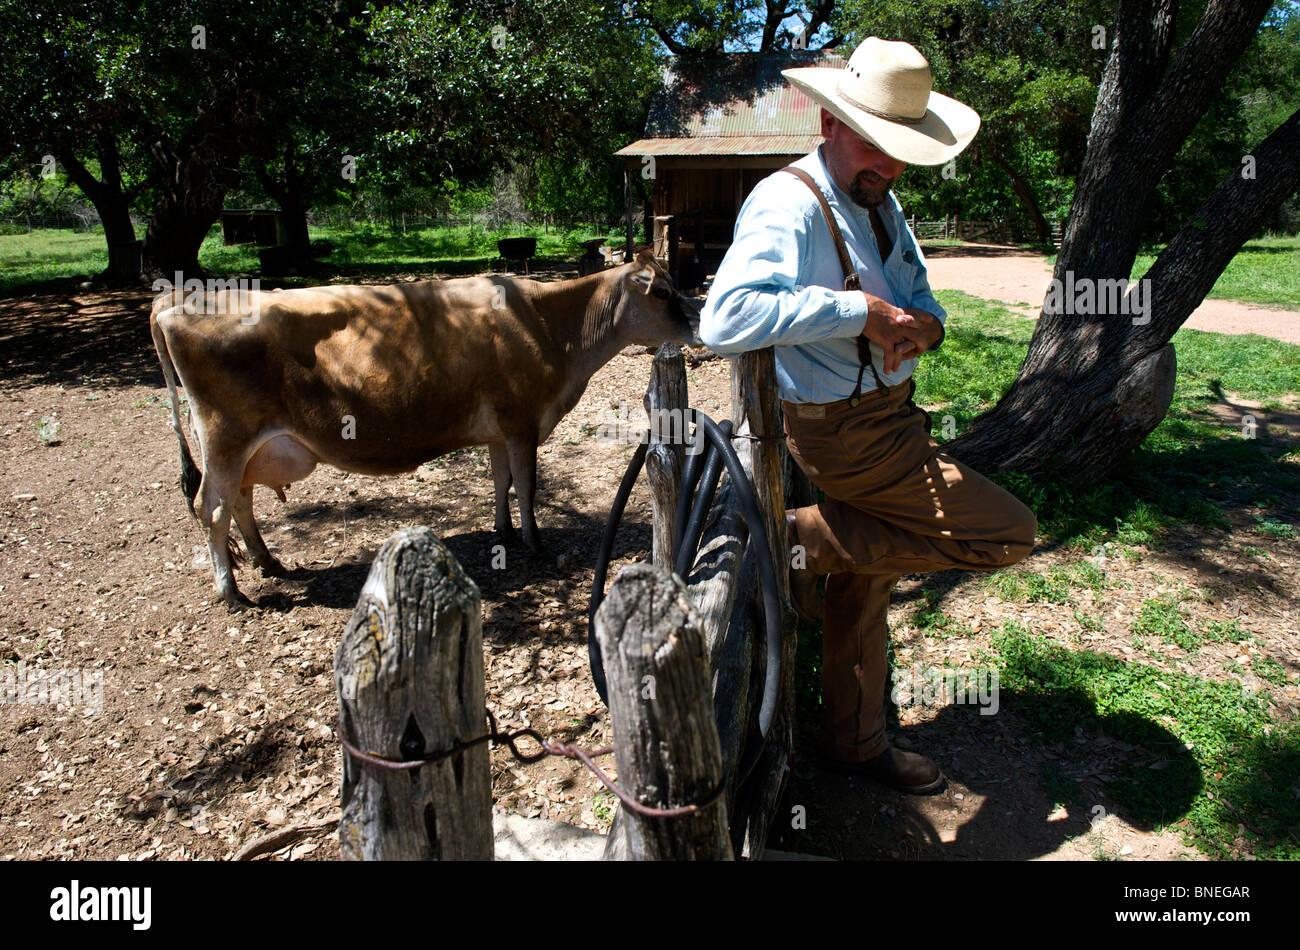 Agriculteur au ranch à Sauer Becker ferme de la LBJ Historic Park dans le Texas, USA Banque D'Images